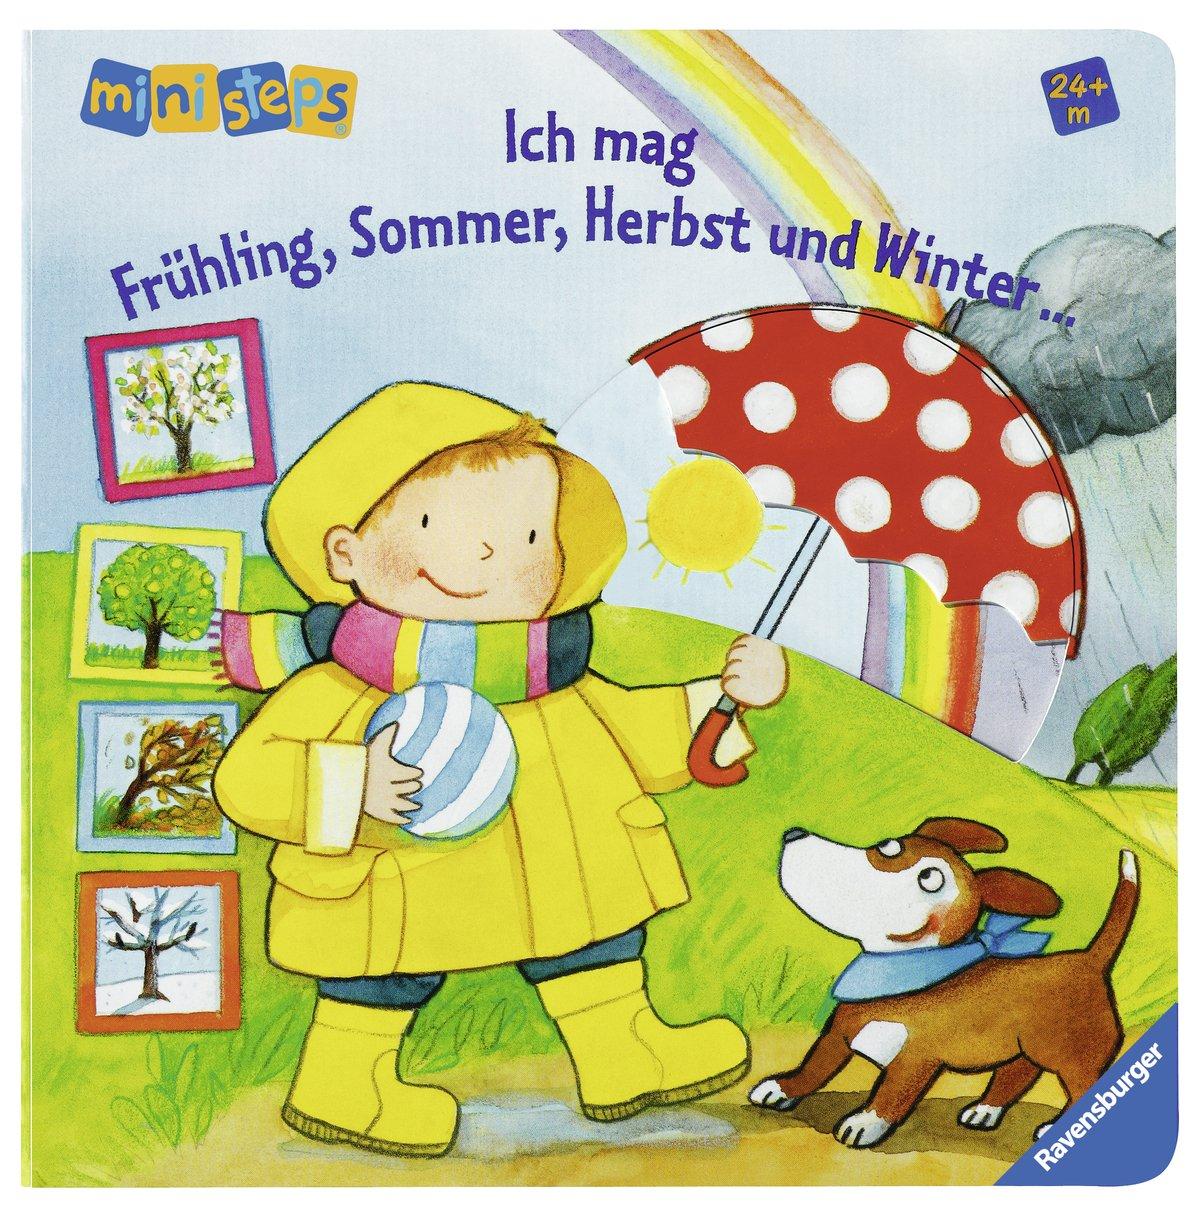 Ich mag Frühling, Sommer, Herbst und Winter ...: Ab 24 Monaten (ministeps Bücher)